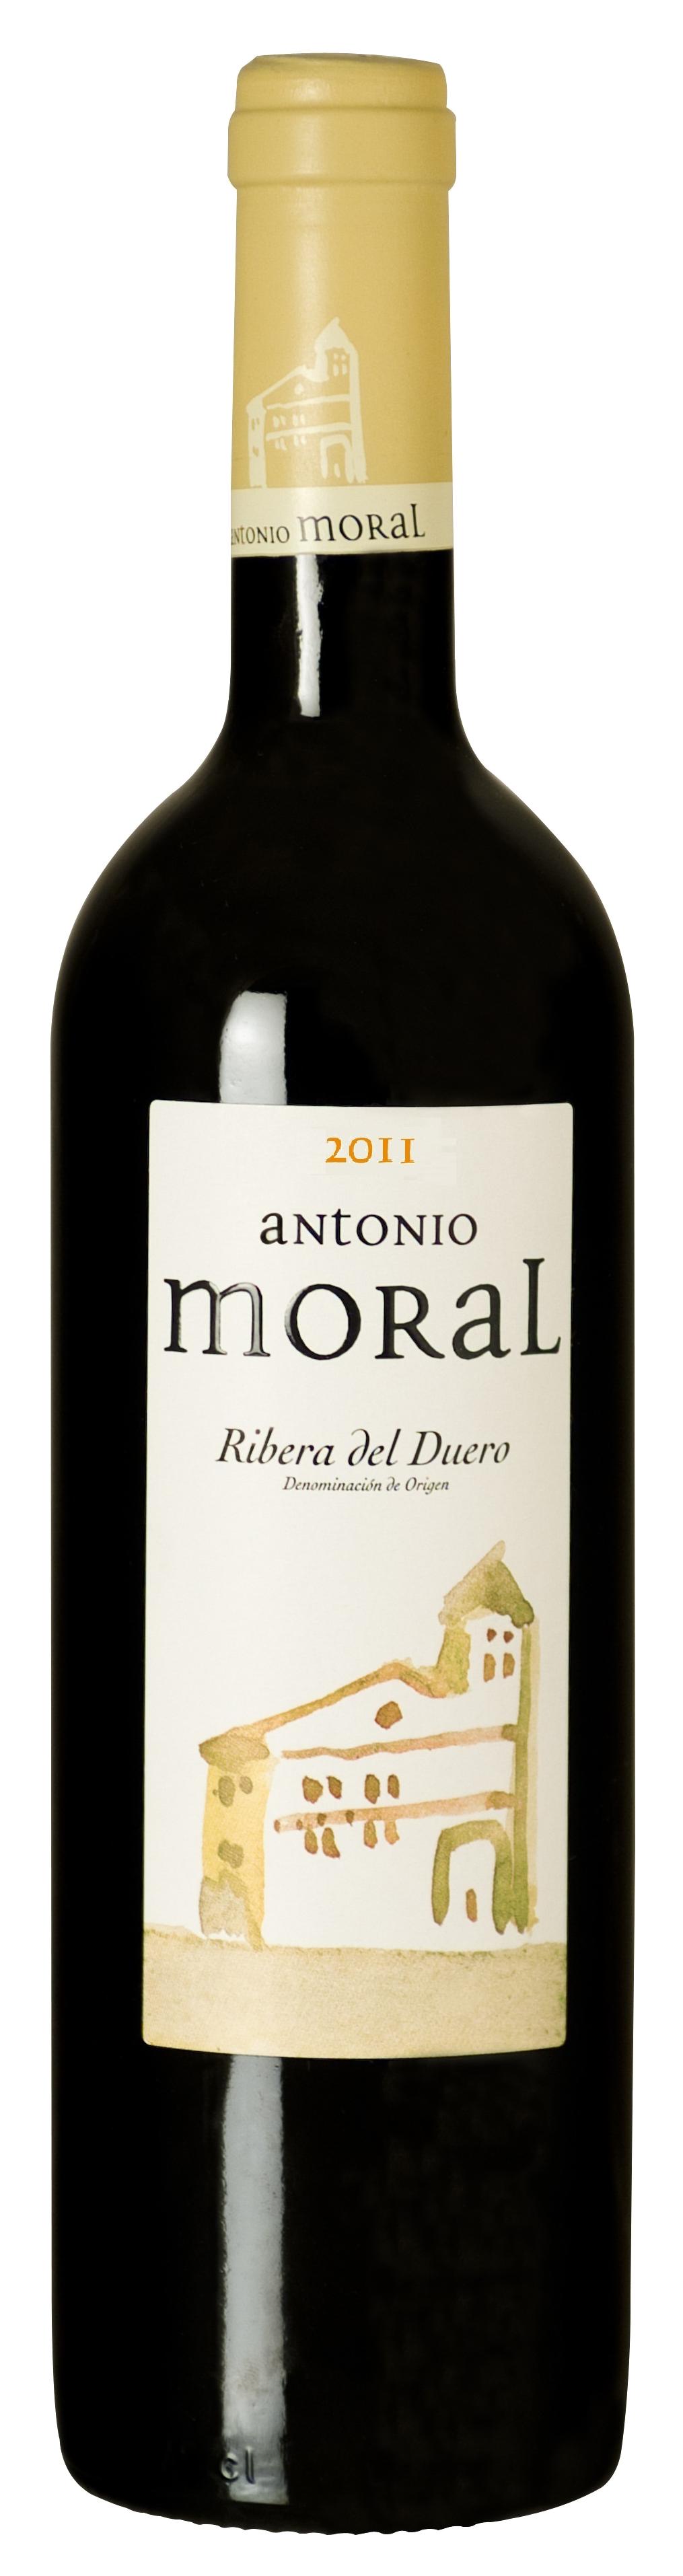 Antonio Del Moral 2011